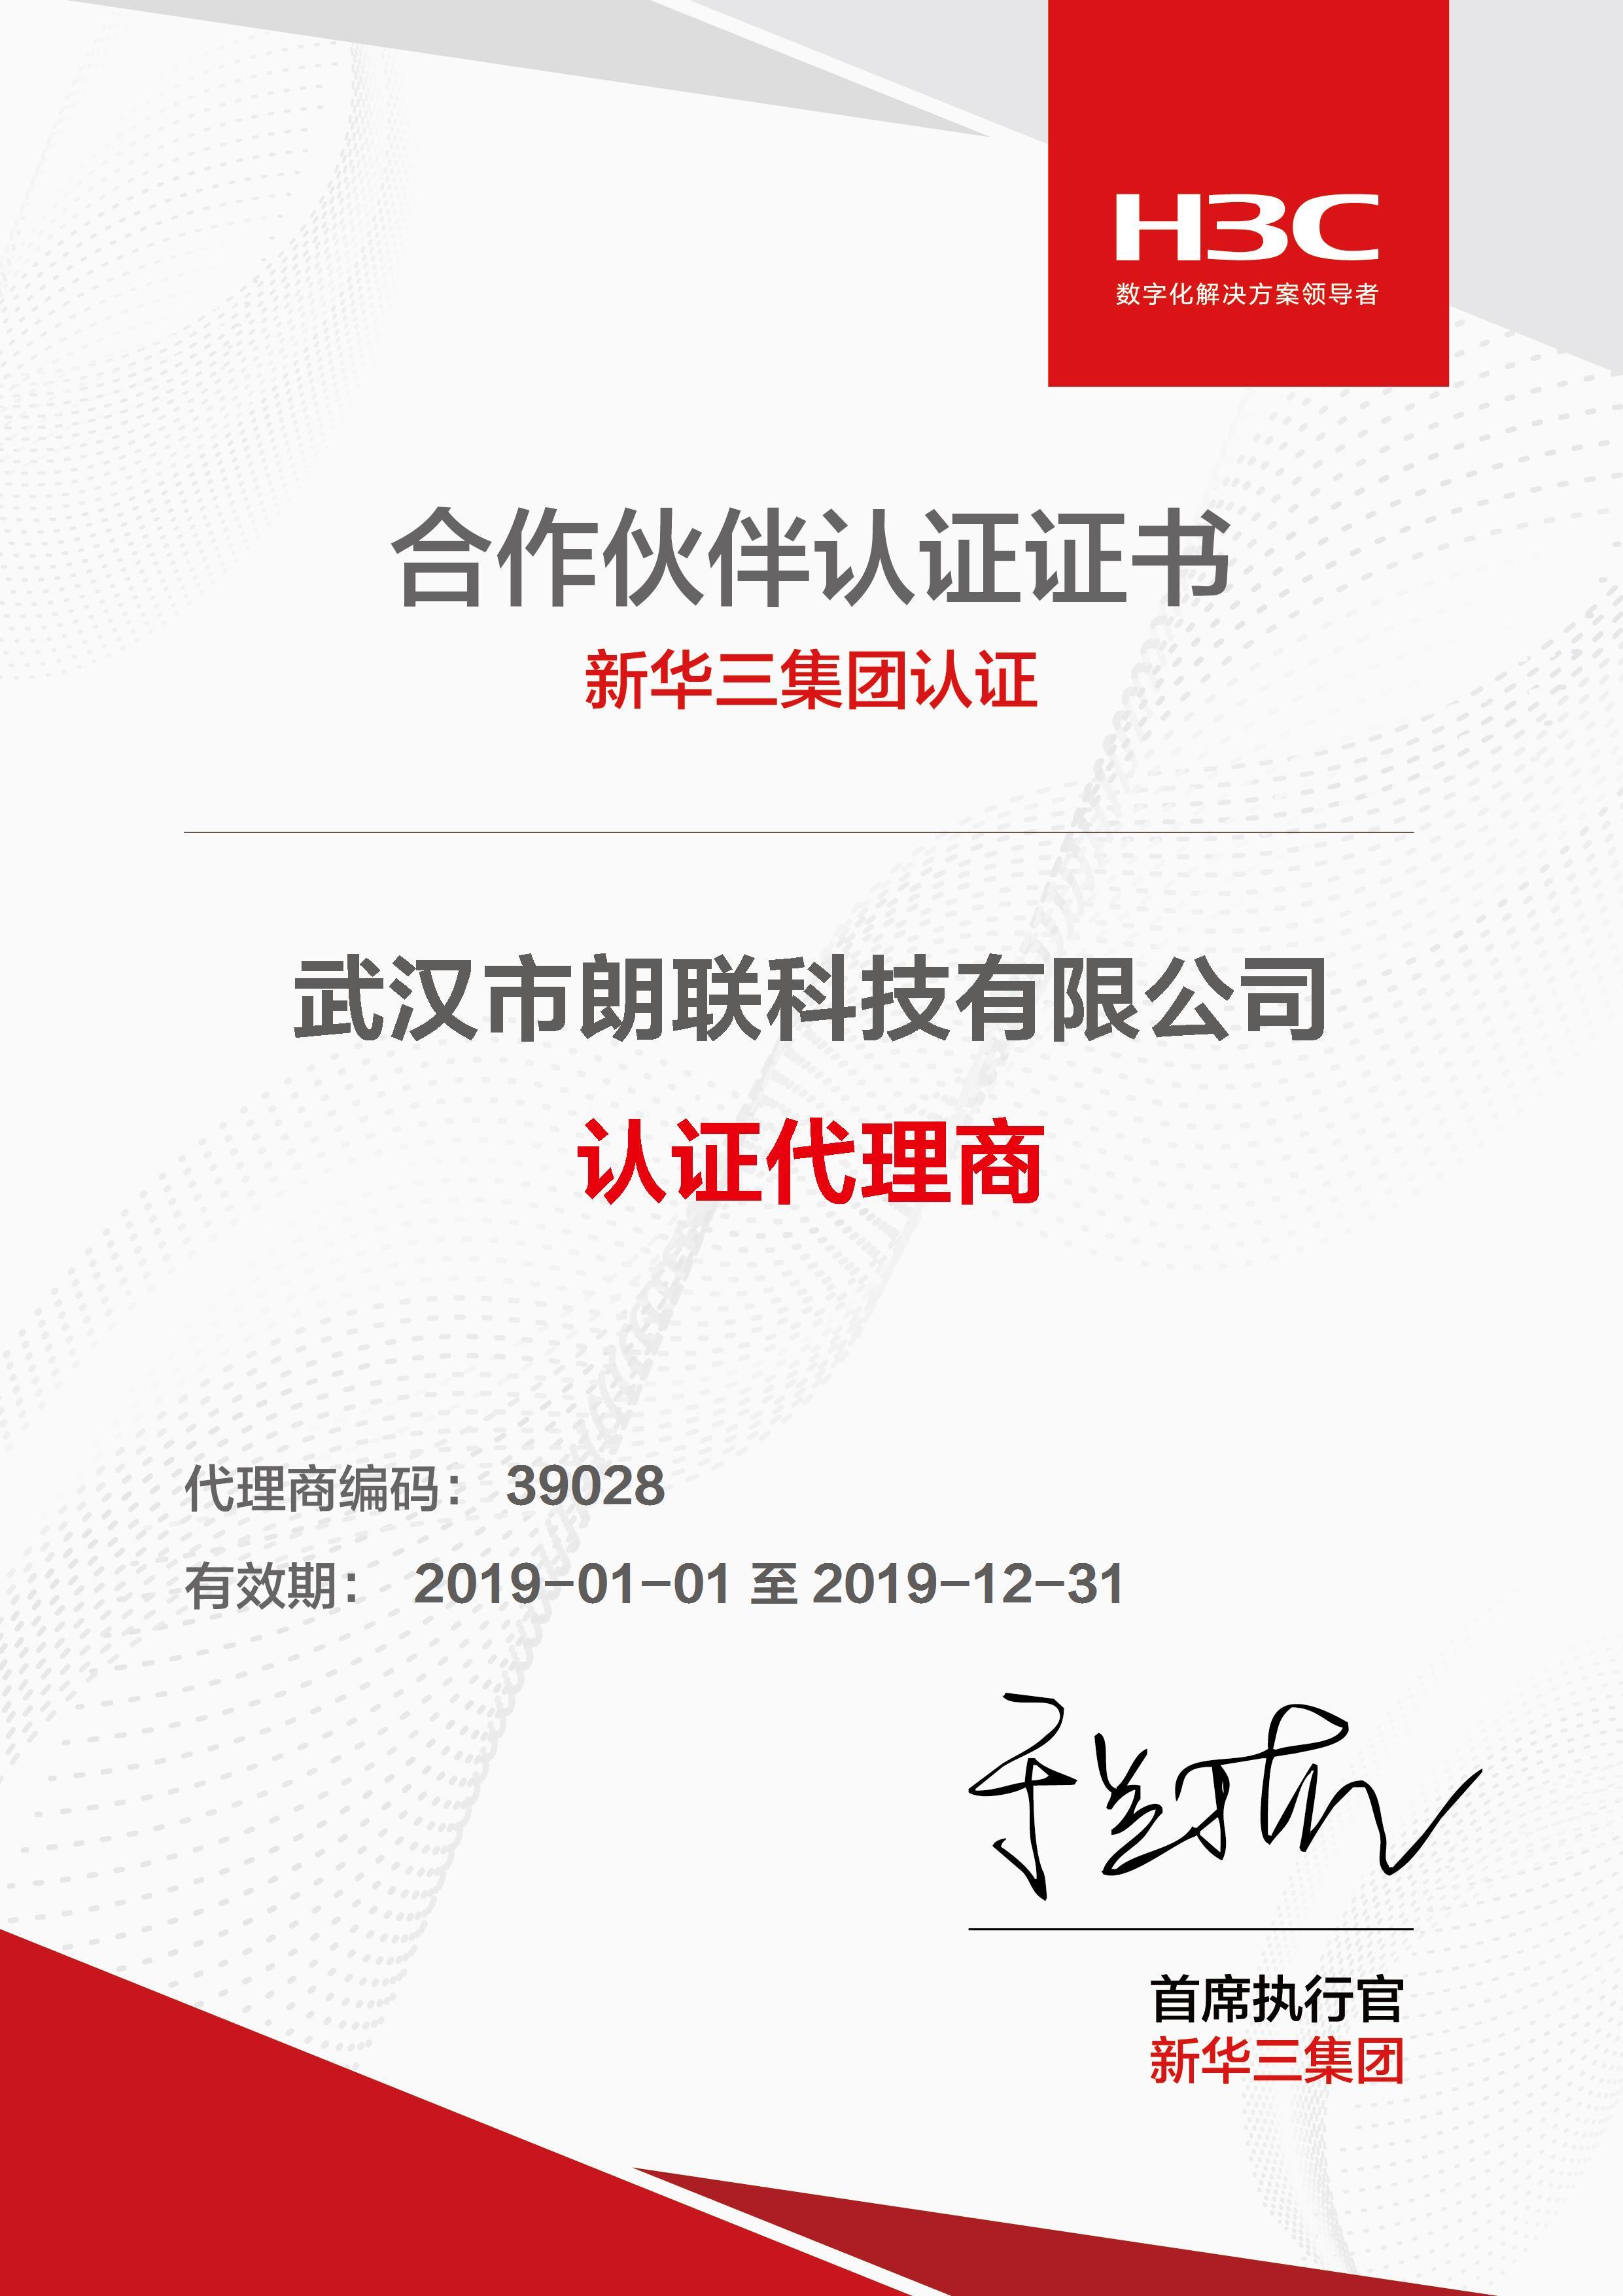 H3C合作伙伴证书